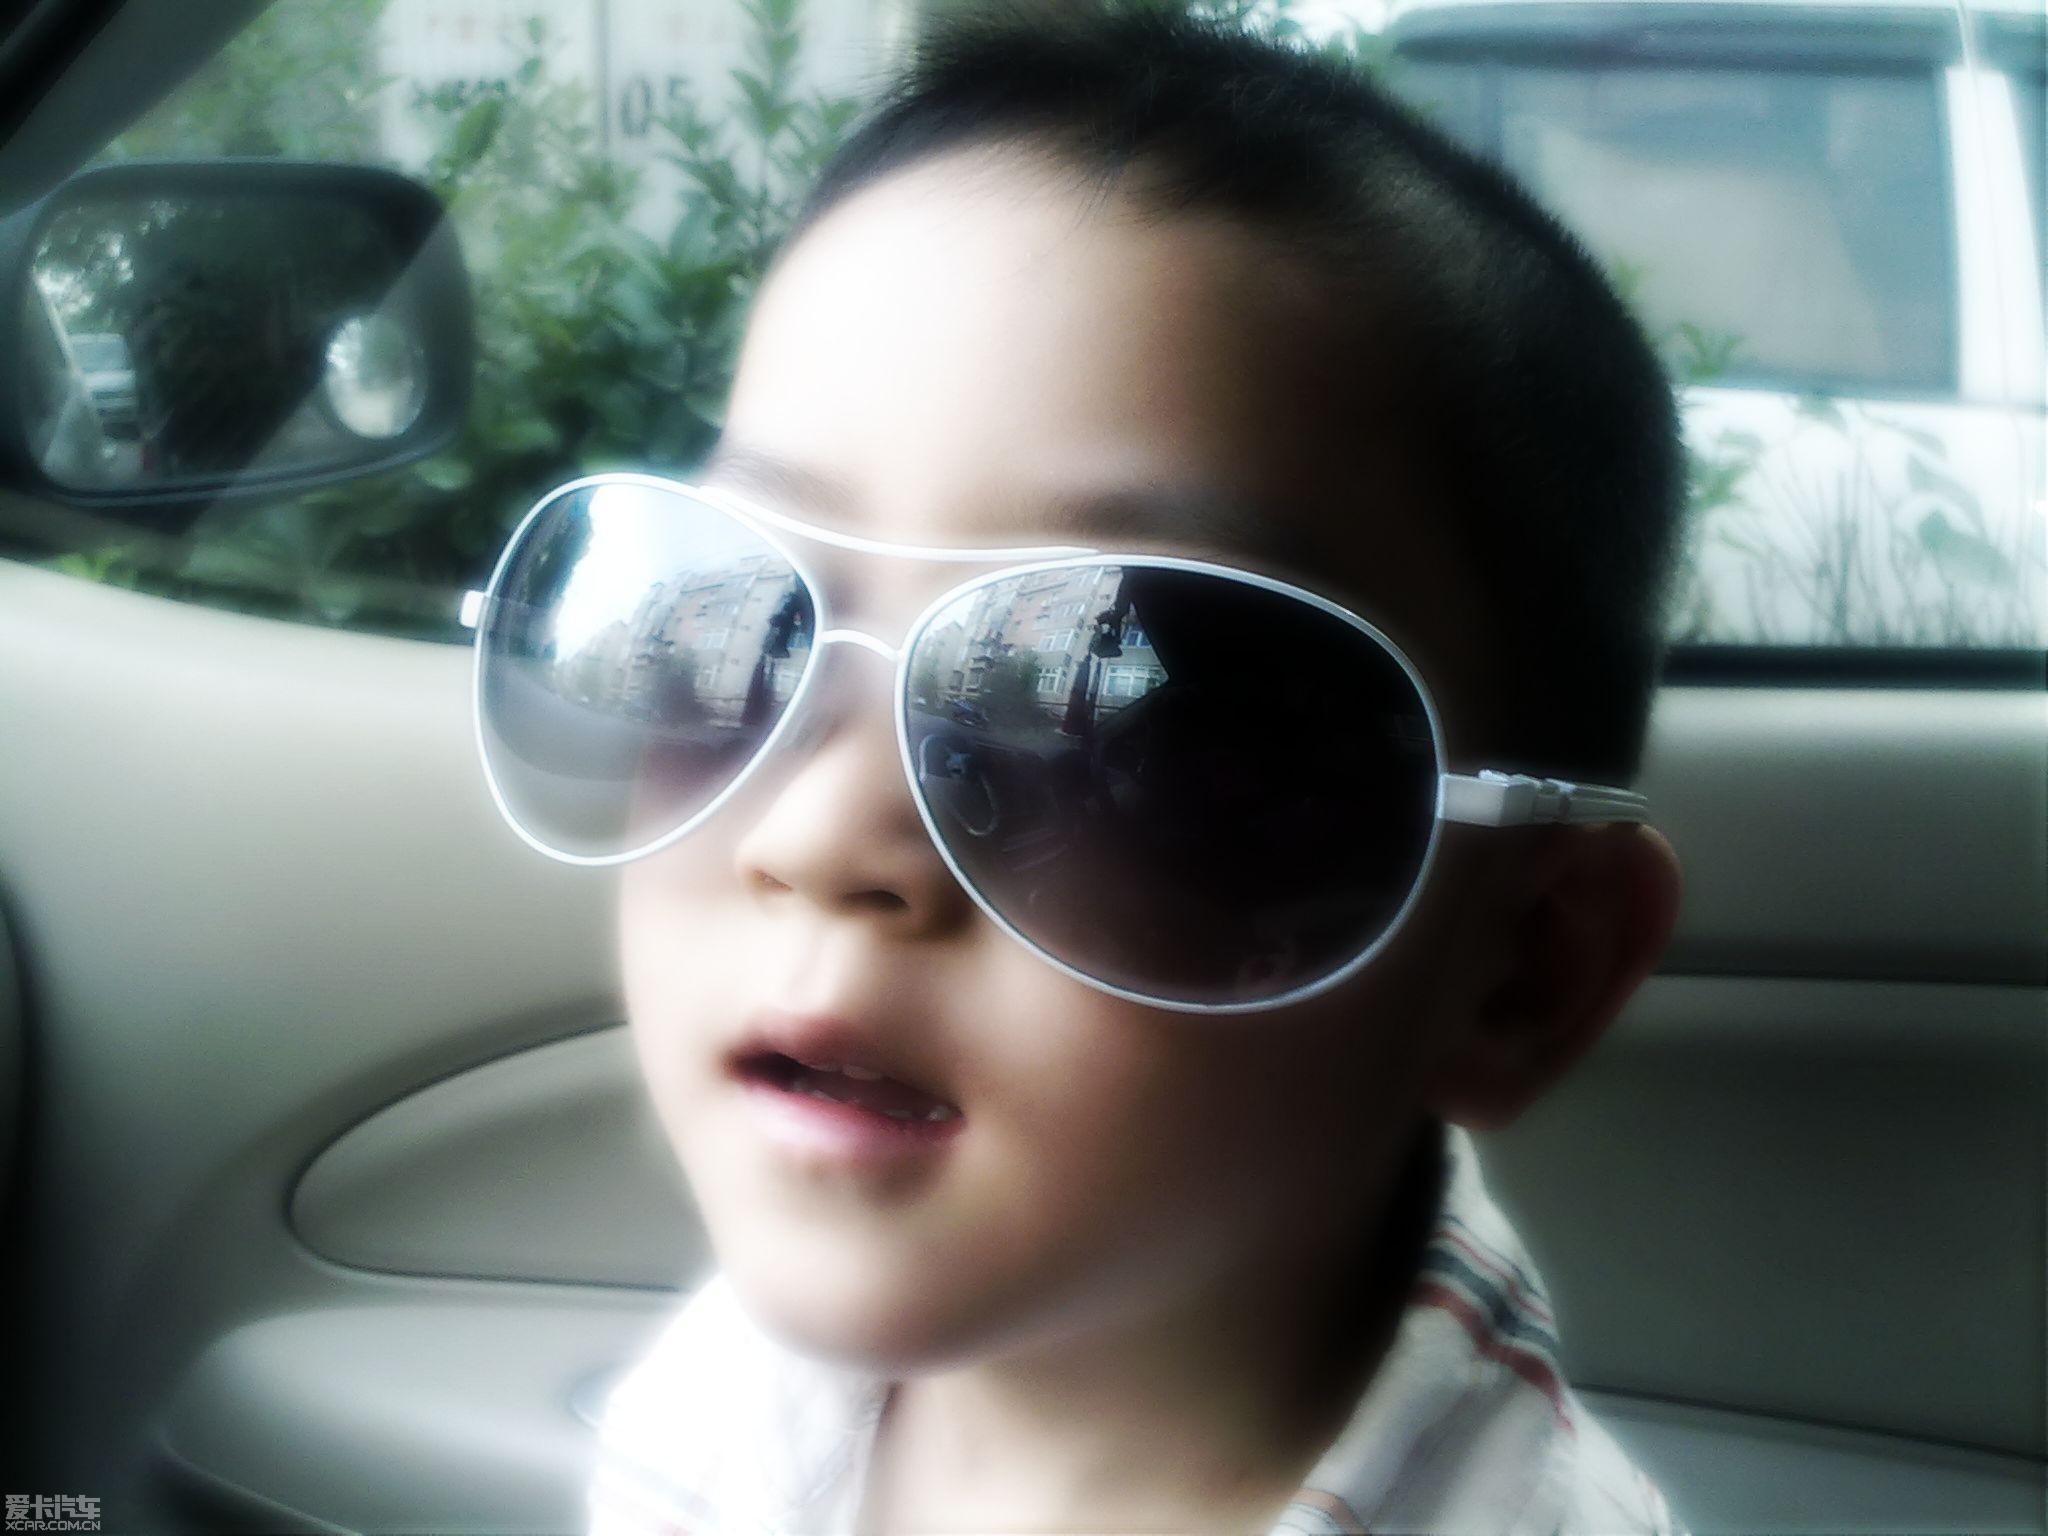 都发家里宝贝照片,我也发下我家的得瑟下 天津汽车论坛 高清图片